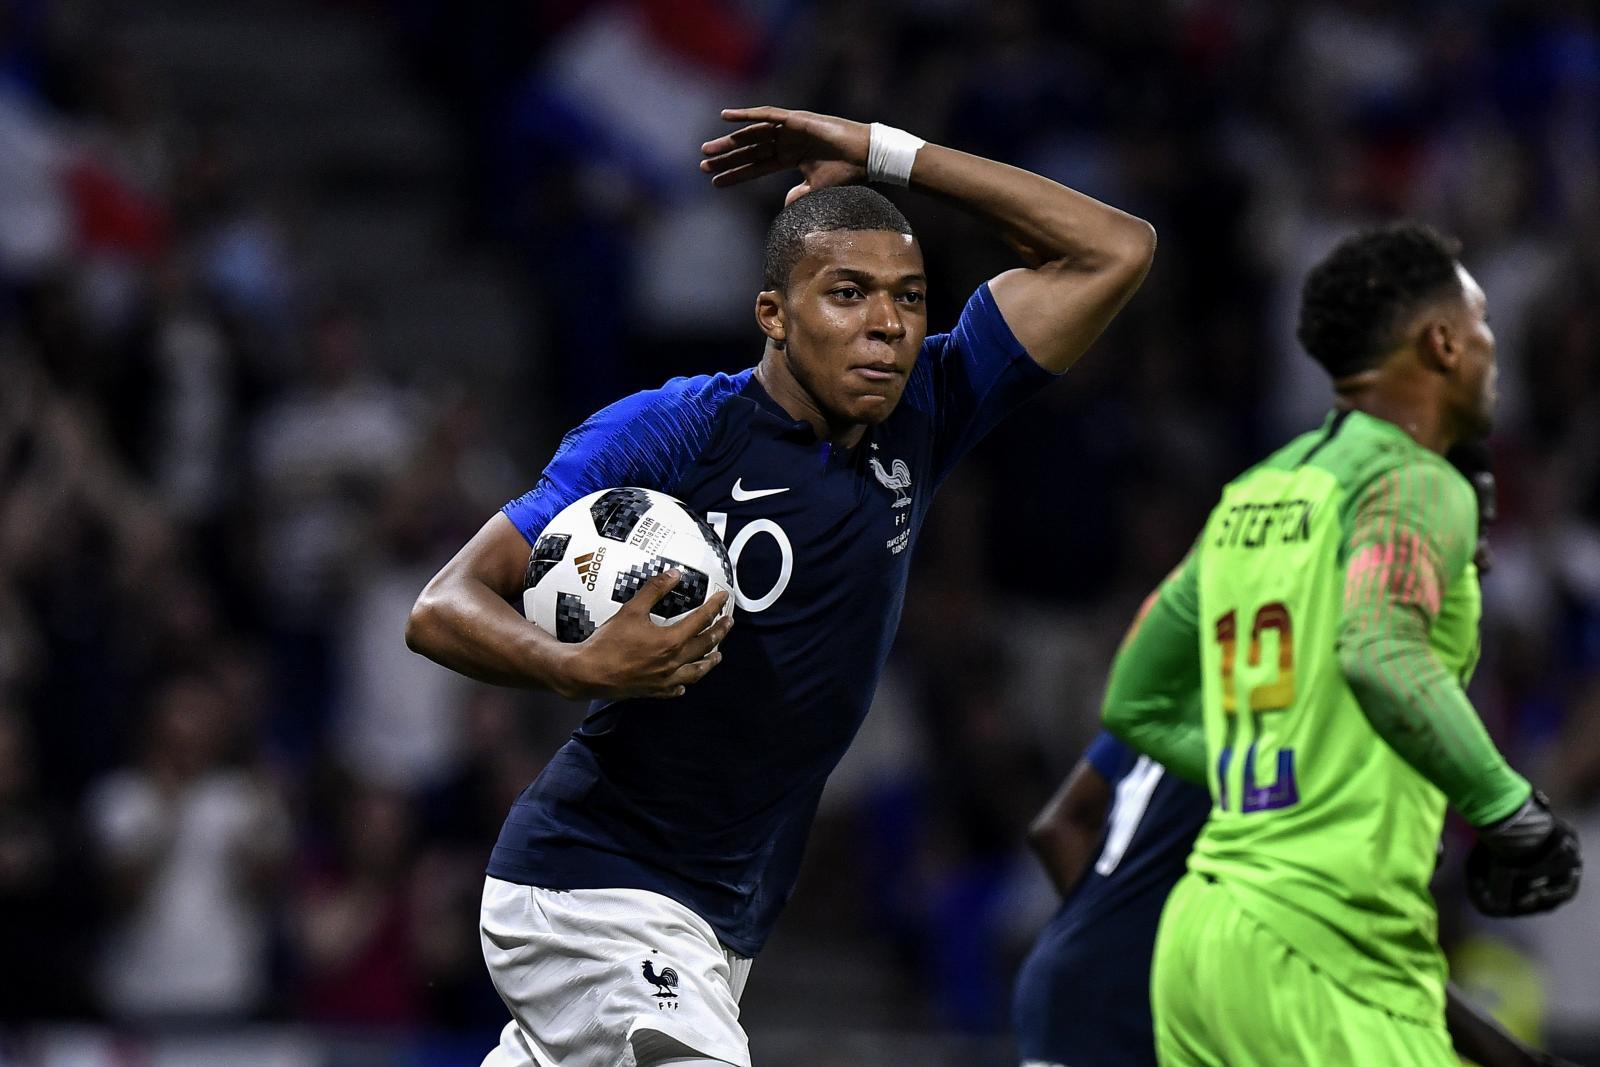 ดาวรุ่งน่าจับตามองในฟุตบอลโลก 2018